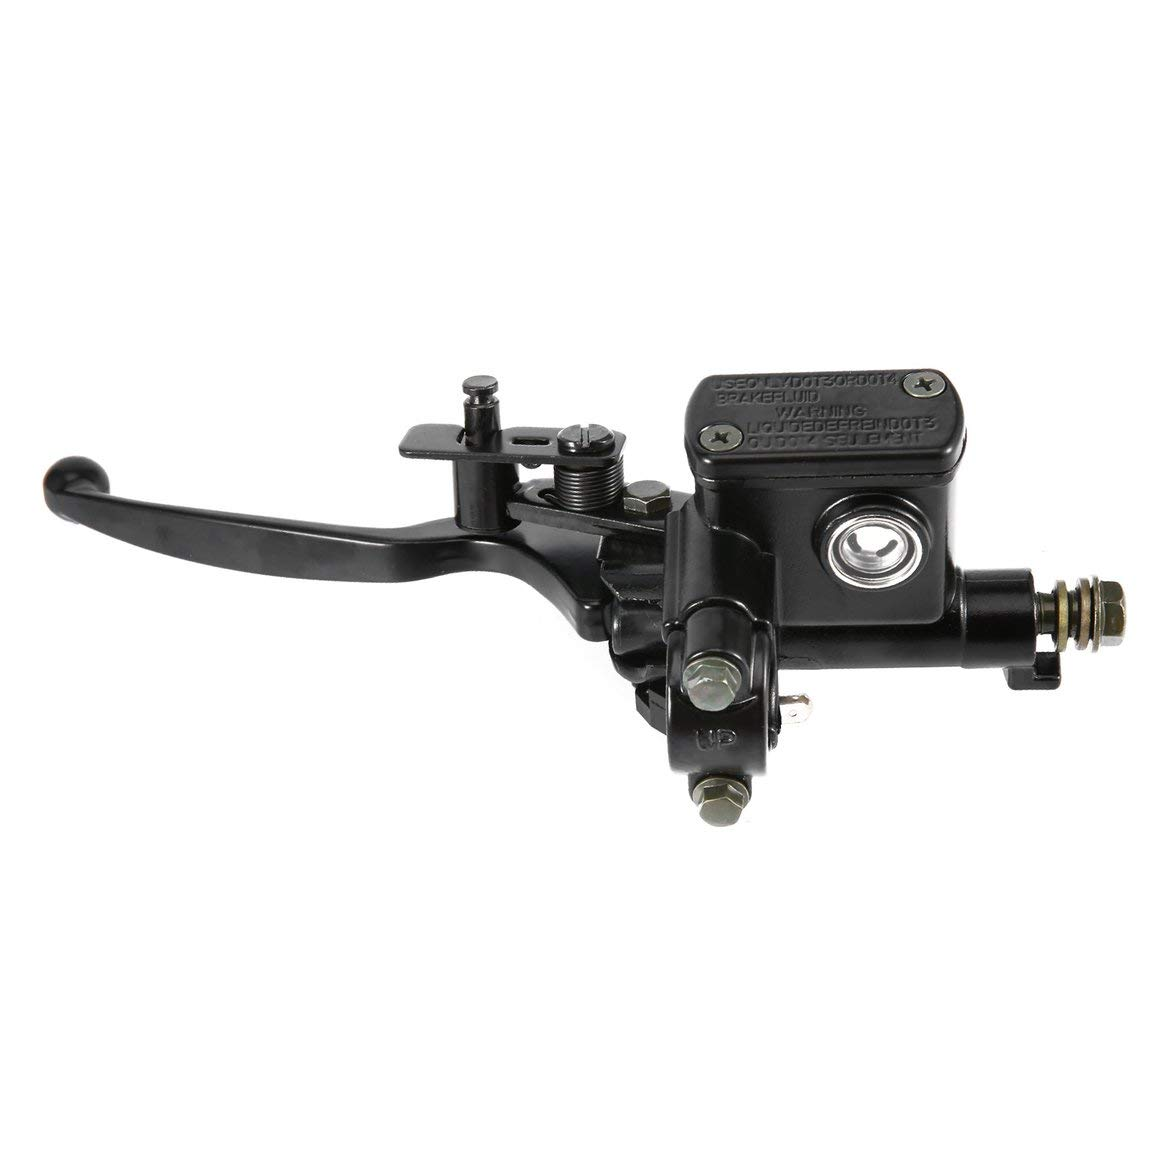 Syst/ème d/étrier de Frein arri/ère /à Disque hydraulique Kongqiabona pour 110cc 125cc Quad Dirt Bike VTT Accessoires pour v/éhicules